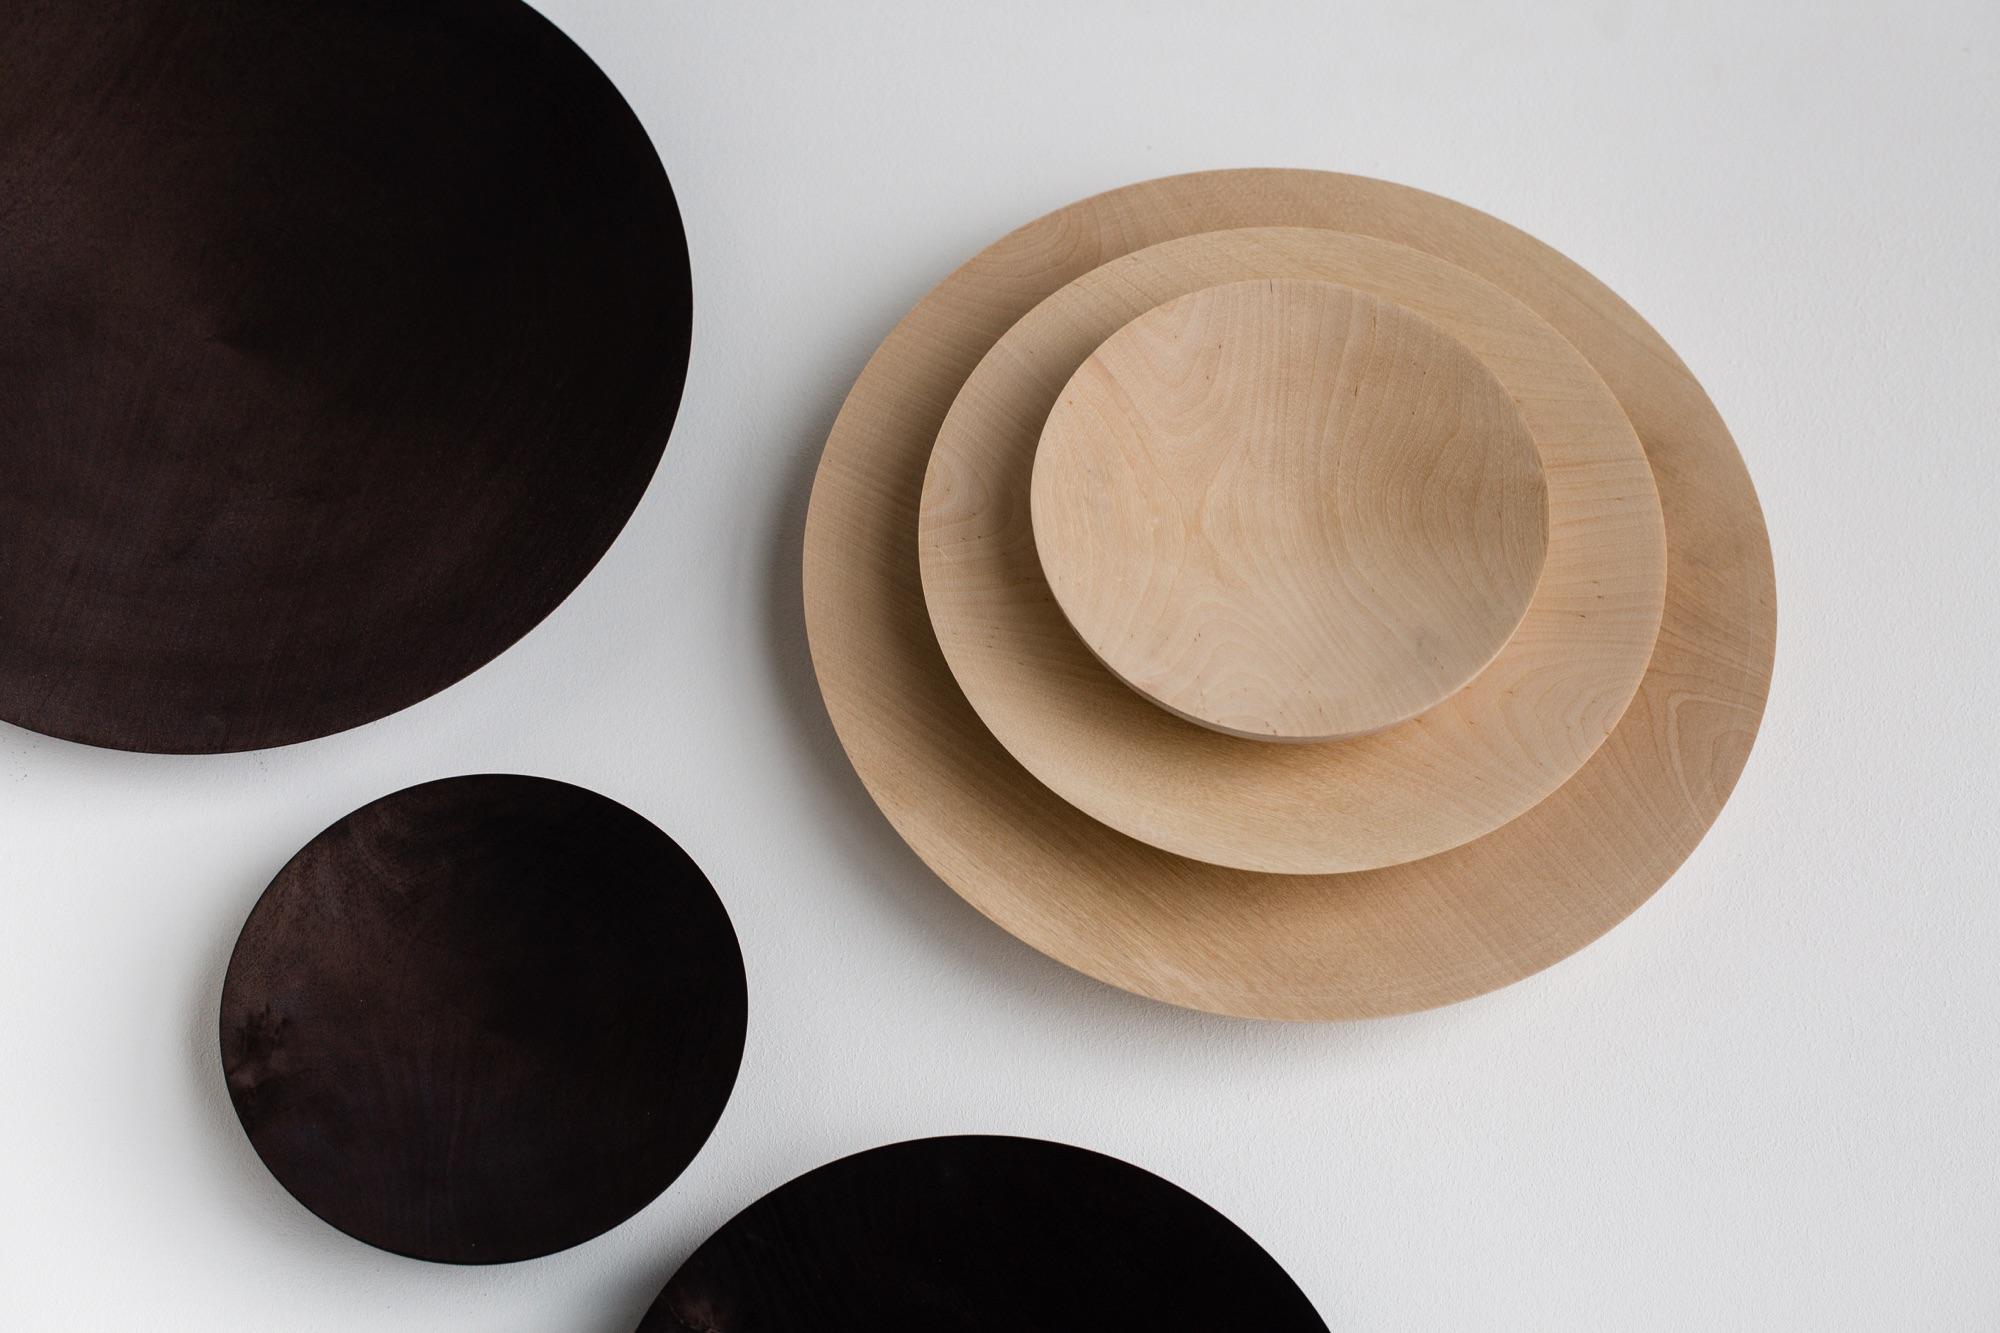 Aad platters